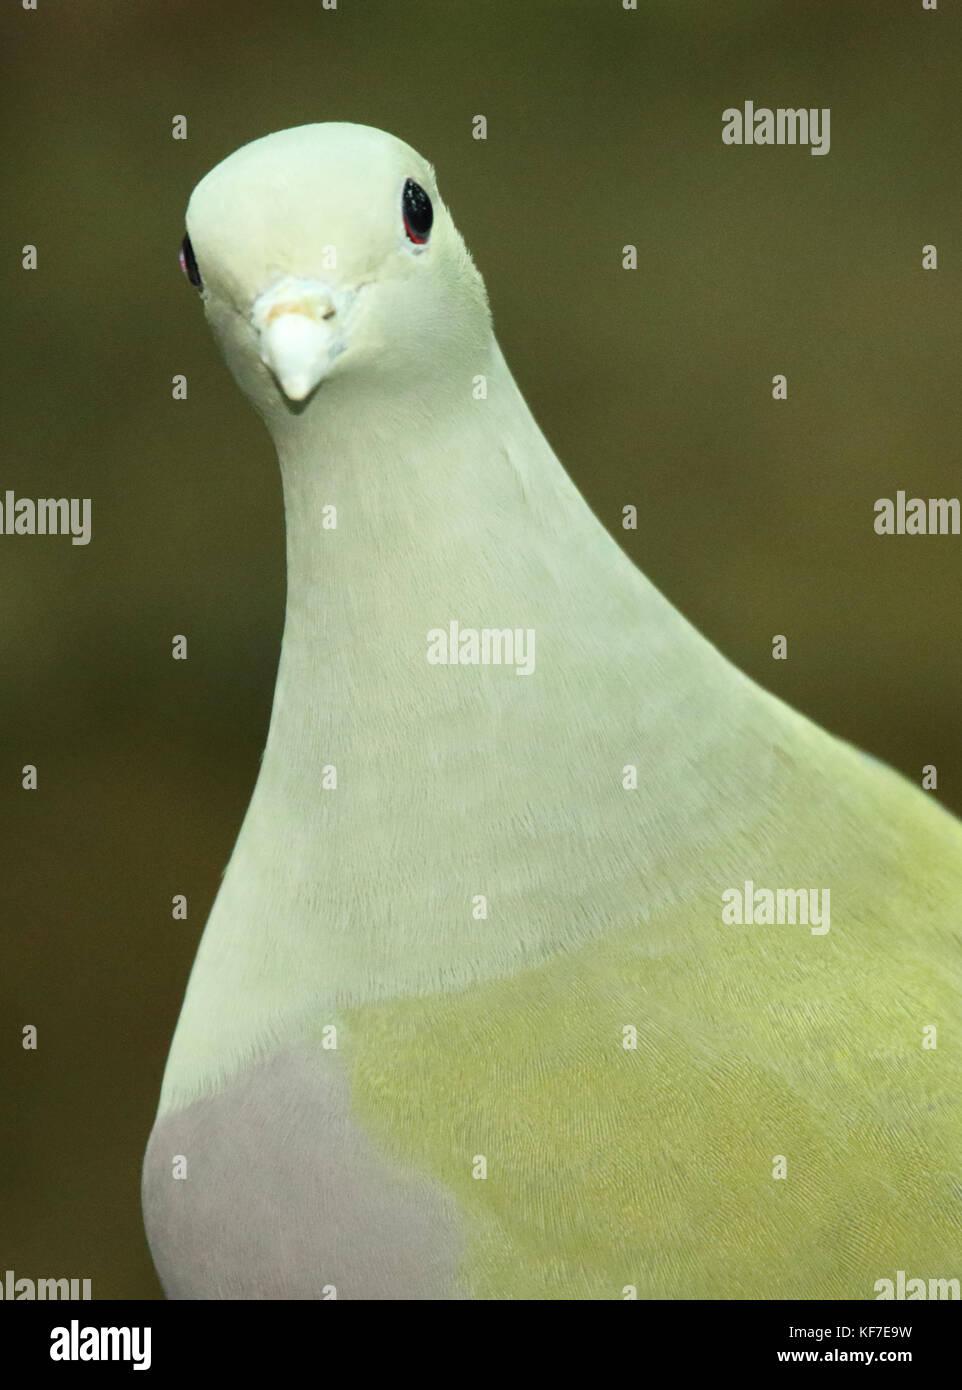 Le portrait d'une bruce's green pigeon de peering. Photo Stock